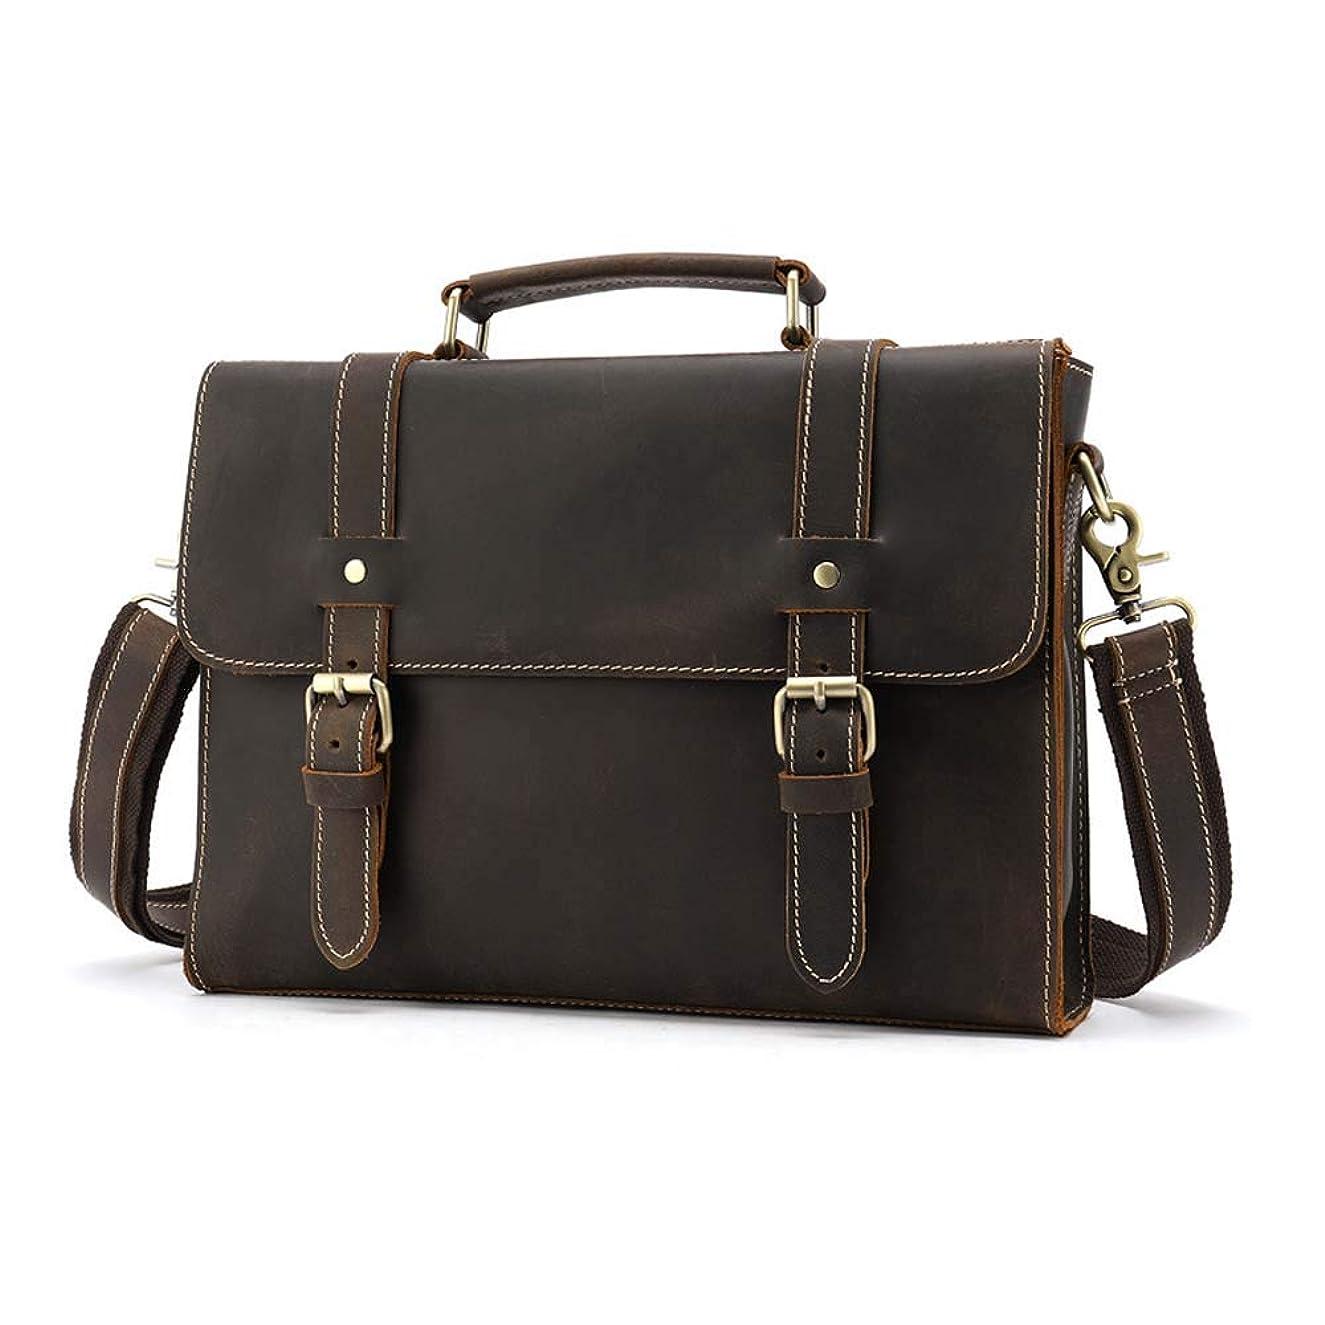 Lyntop-bb Handmade Leather Messenger Bag Leather Messenger Bag for Men Business Briefcase Shoulder Bag with Top Lift Handle